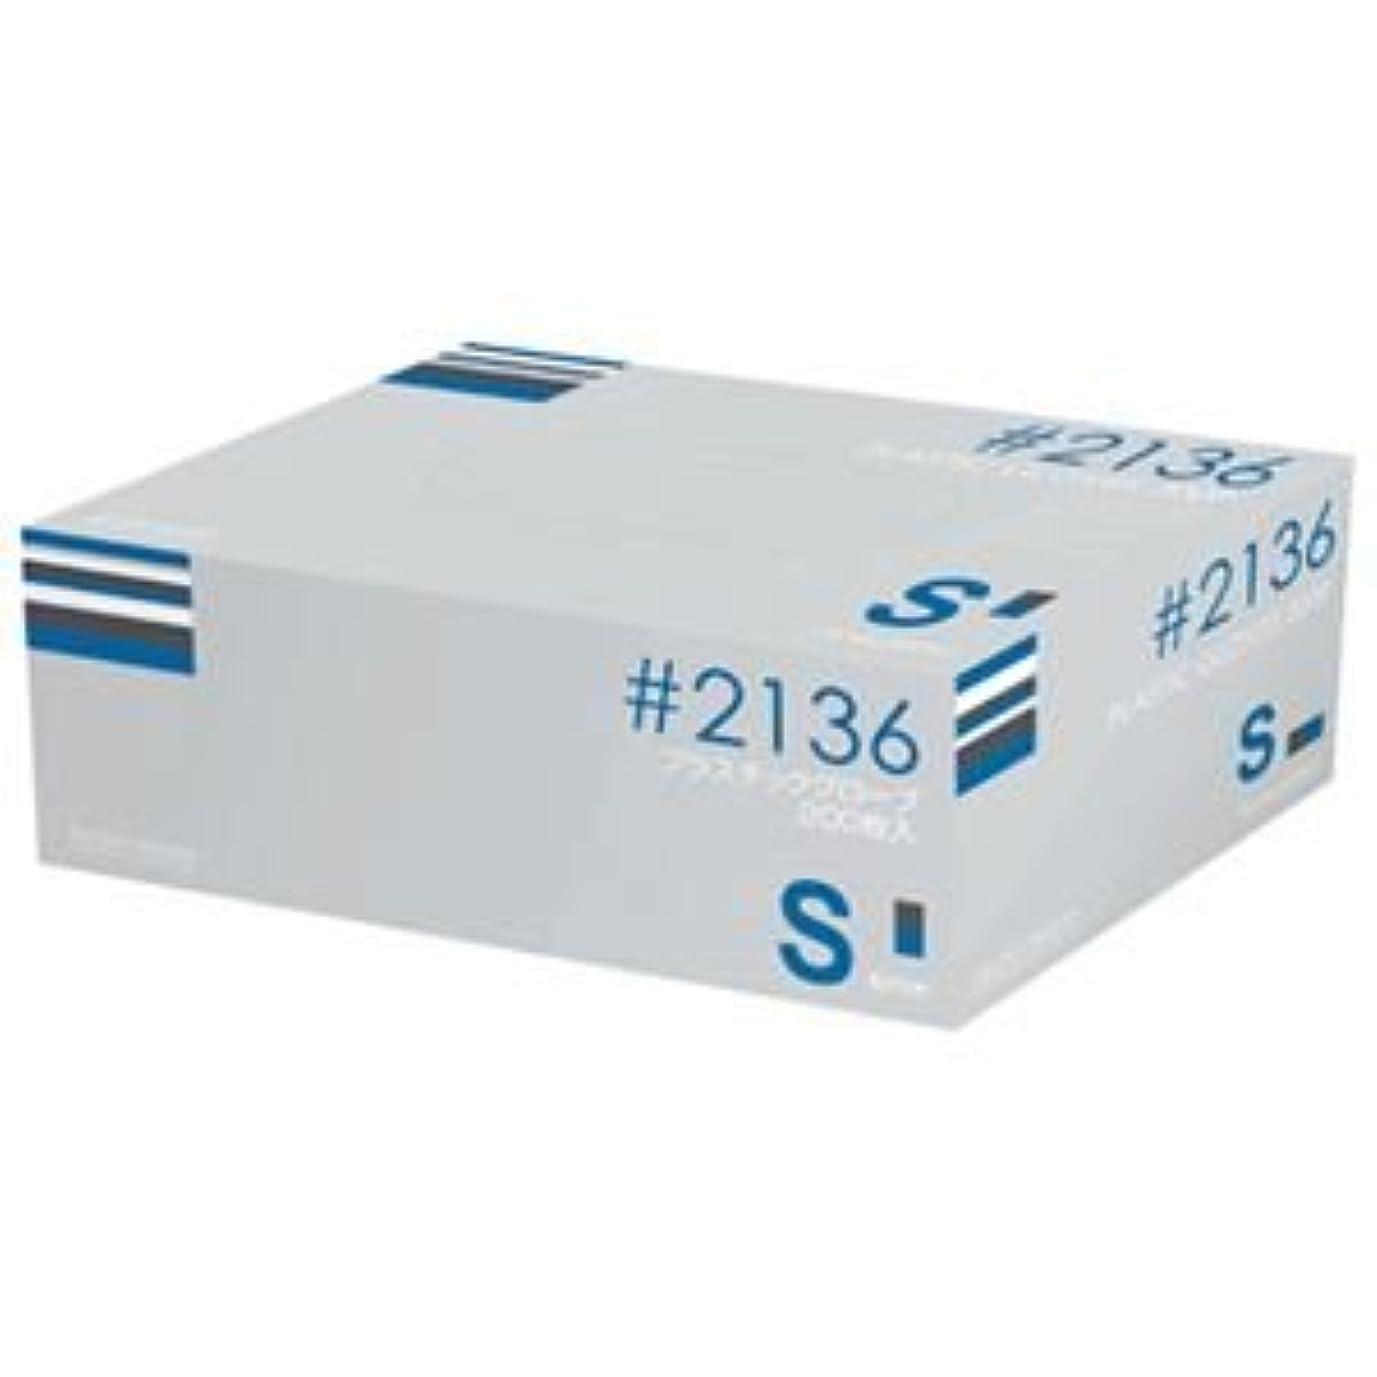 講師装備する広まった(業務用10セット) 川西工業 プラスティックグローブ #2136 S 粉付